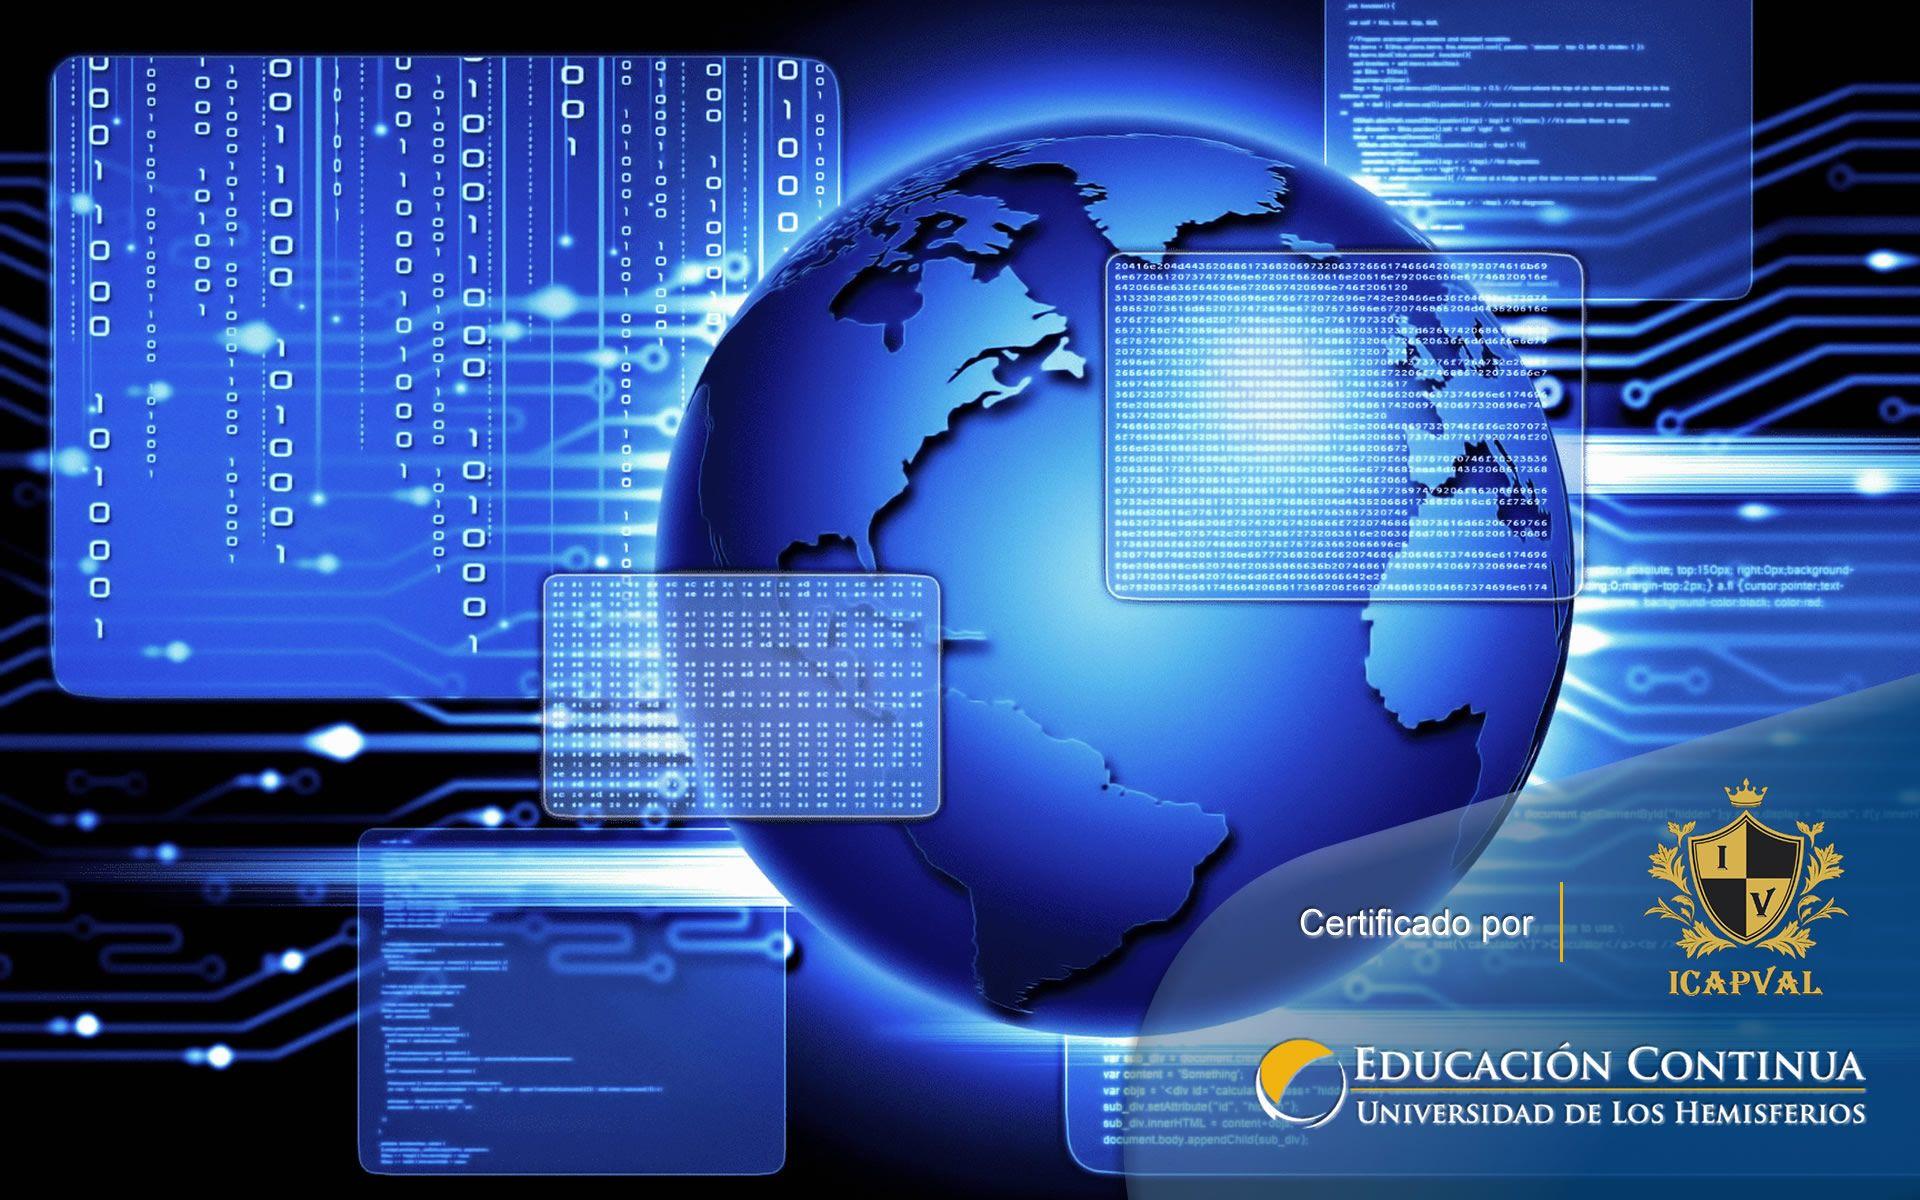 Certificación de Introducción a la Programación, Lógica y Diseño (Nivel Básico)